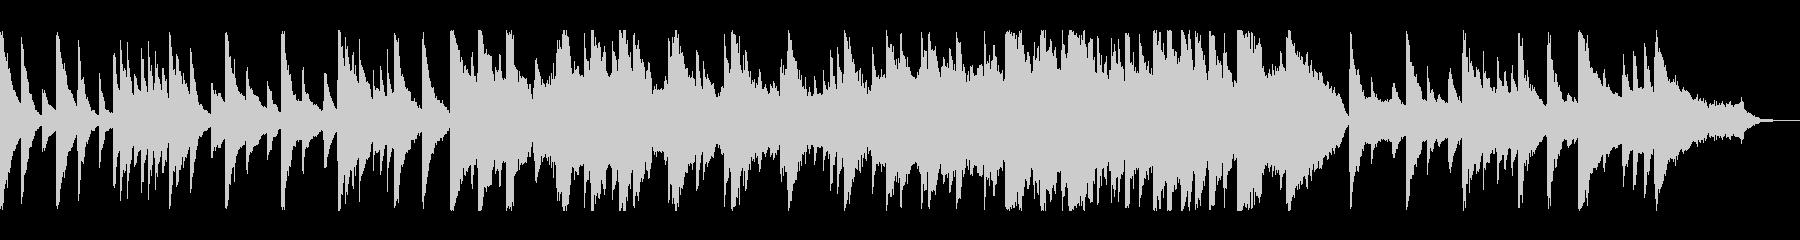 シンプルな構成で心に響くバラードの未再生の波形